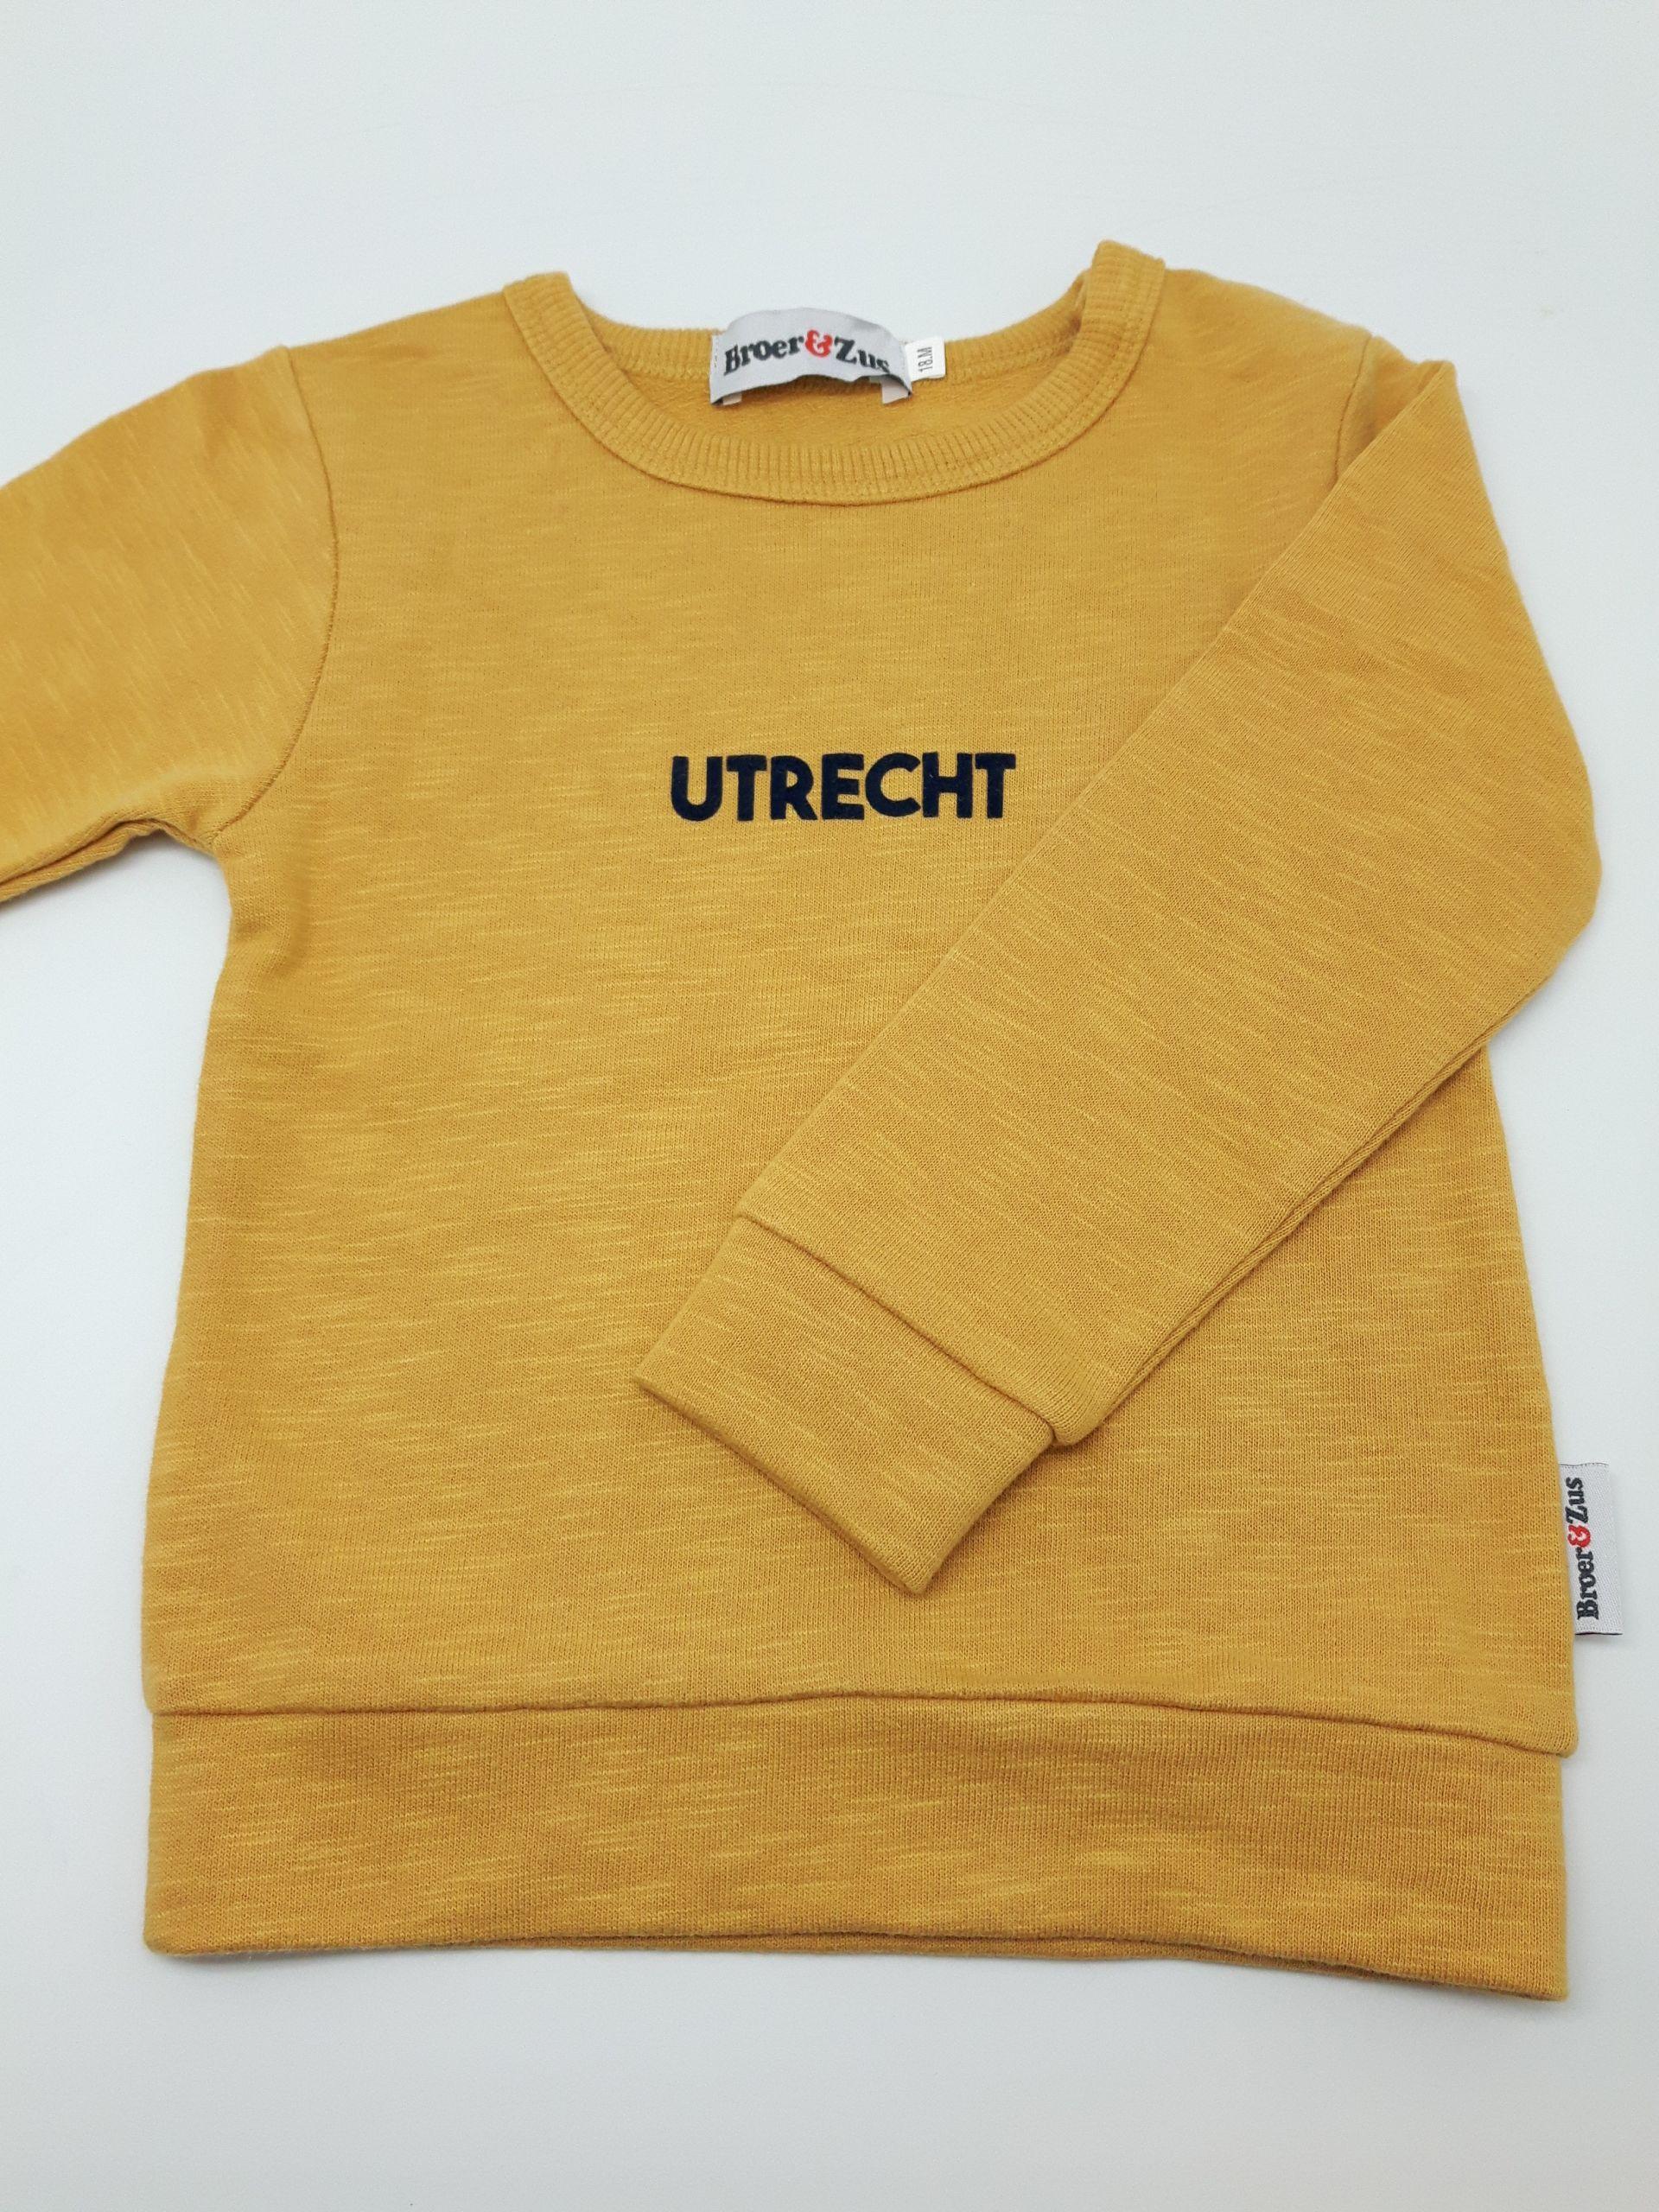 Sweater Utrecht mosterd navy flock 18 maanden